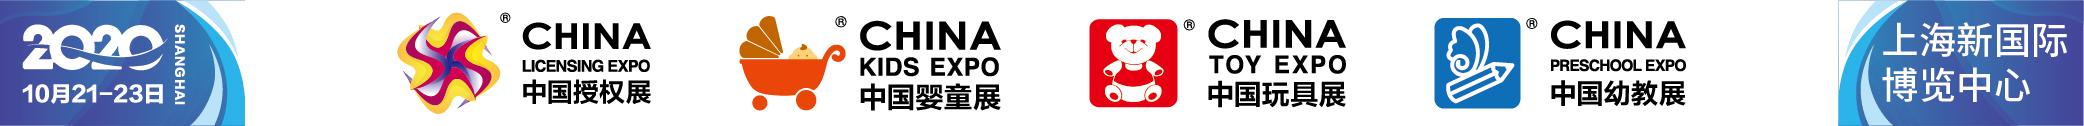 2020中国玩具展|中国婴童展